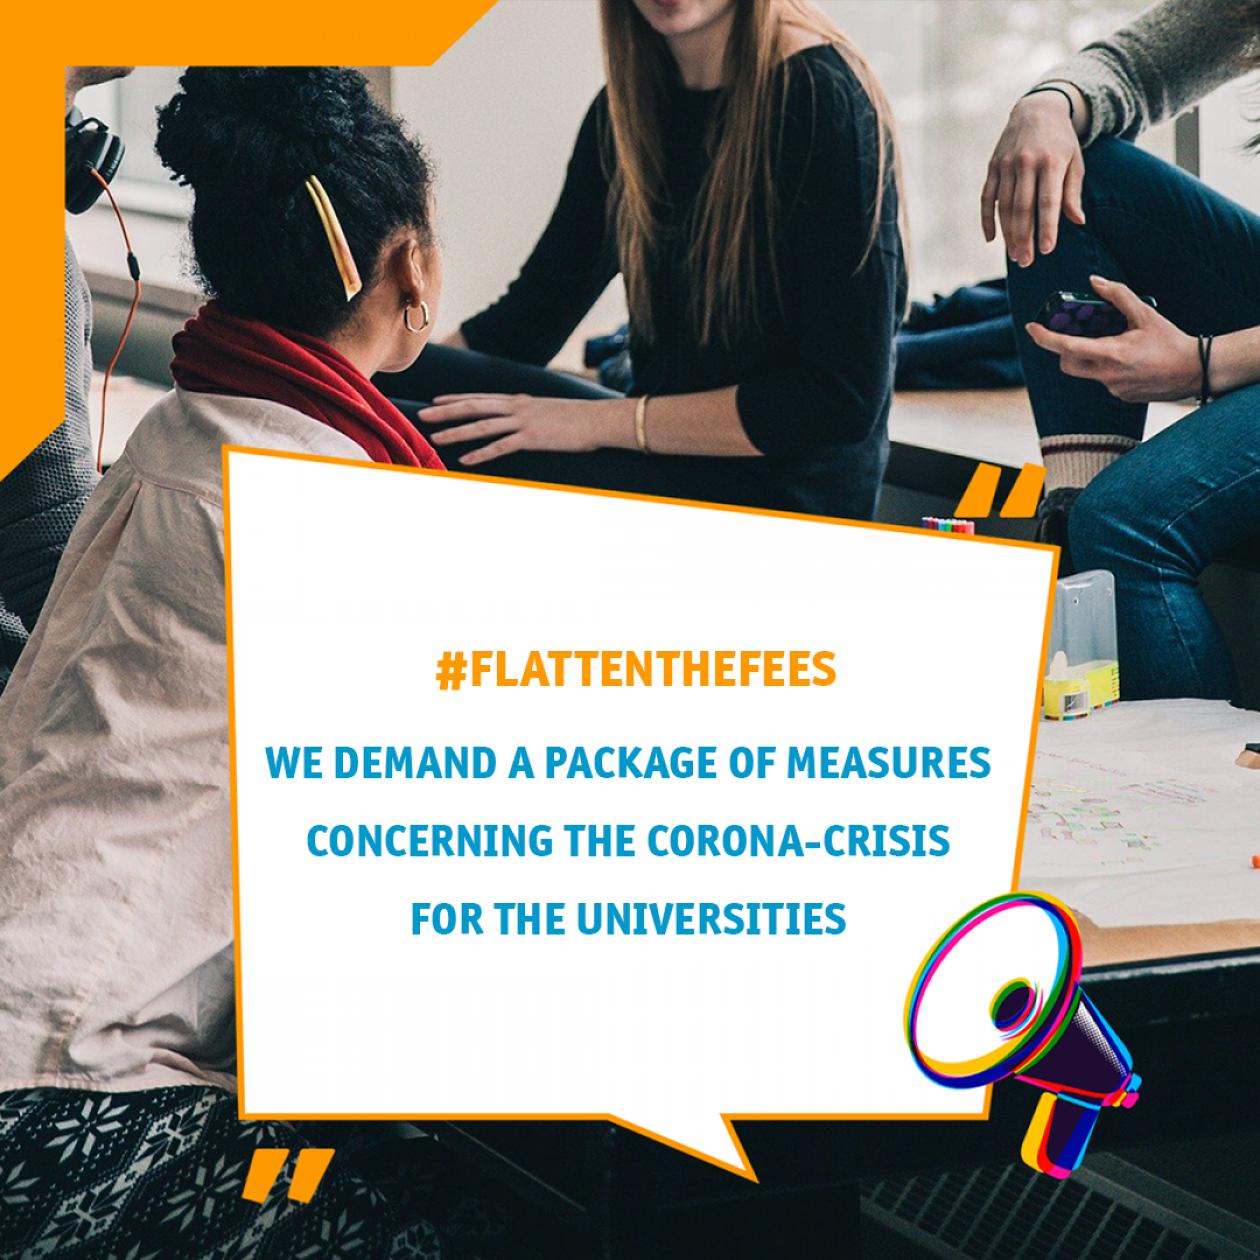 Wir fordern ein Corona-Maßnahmenpaket für die Hochschulen